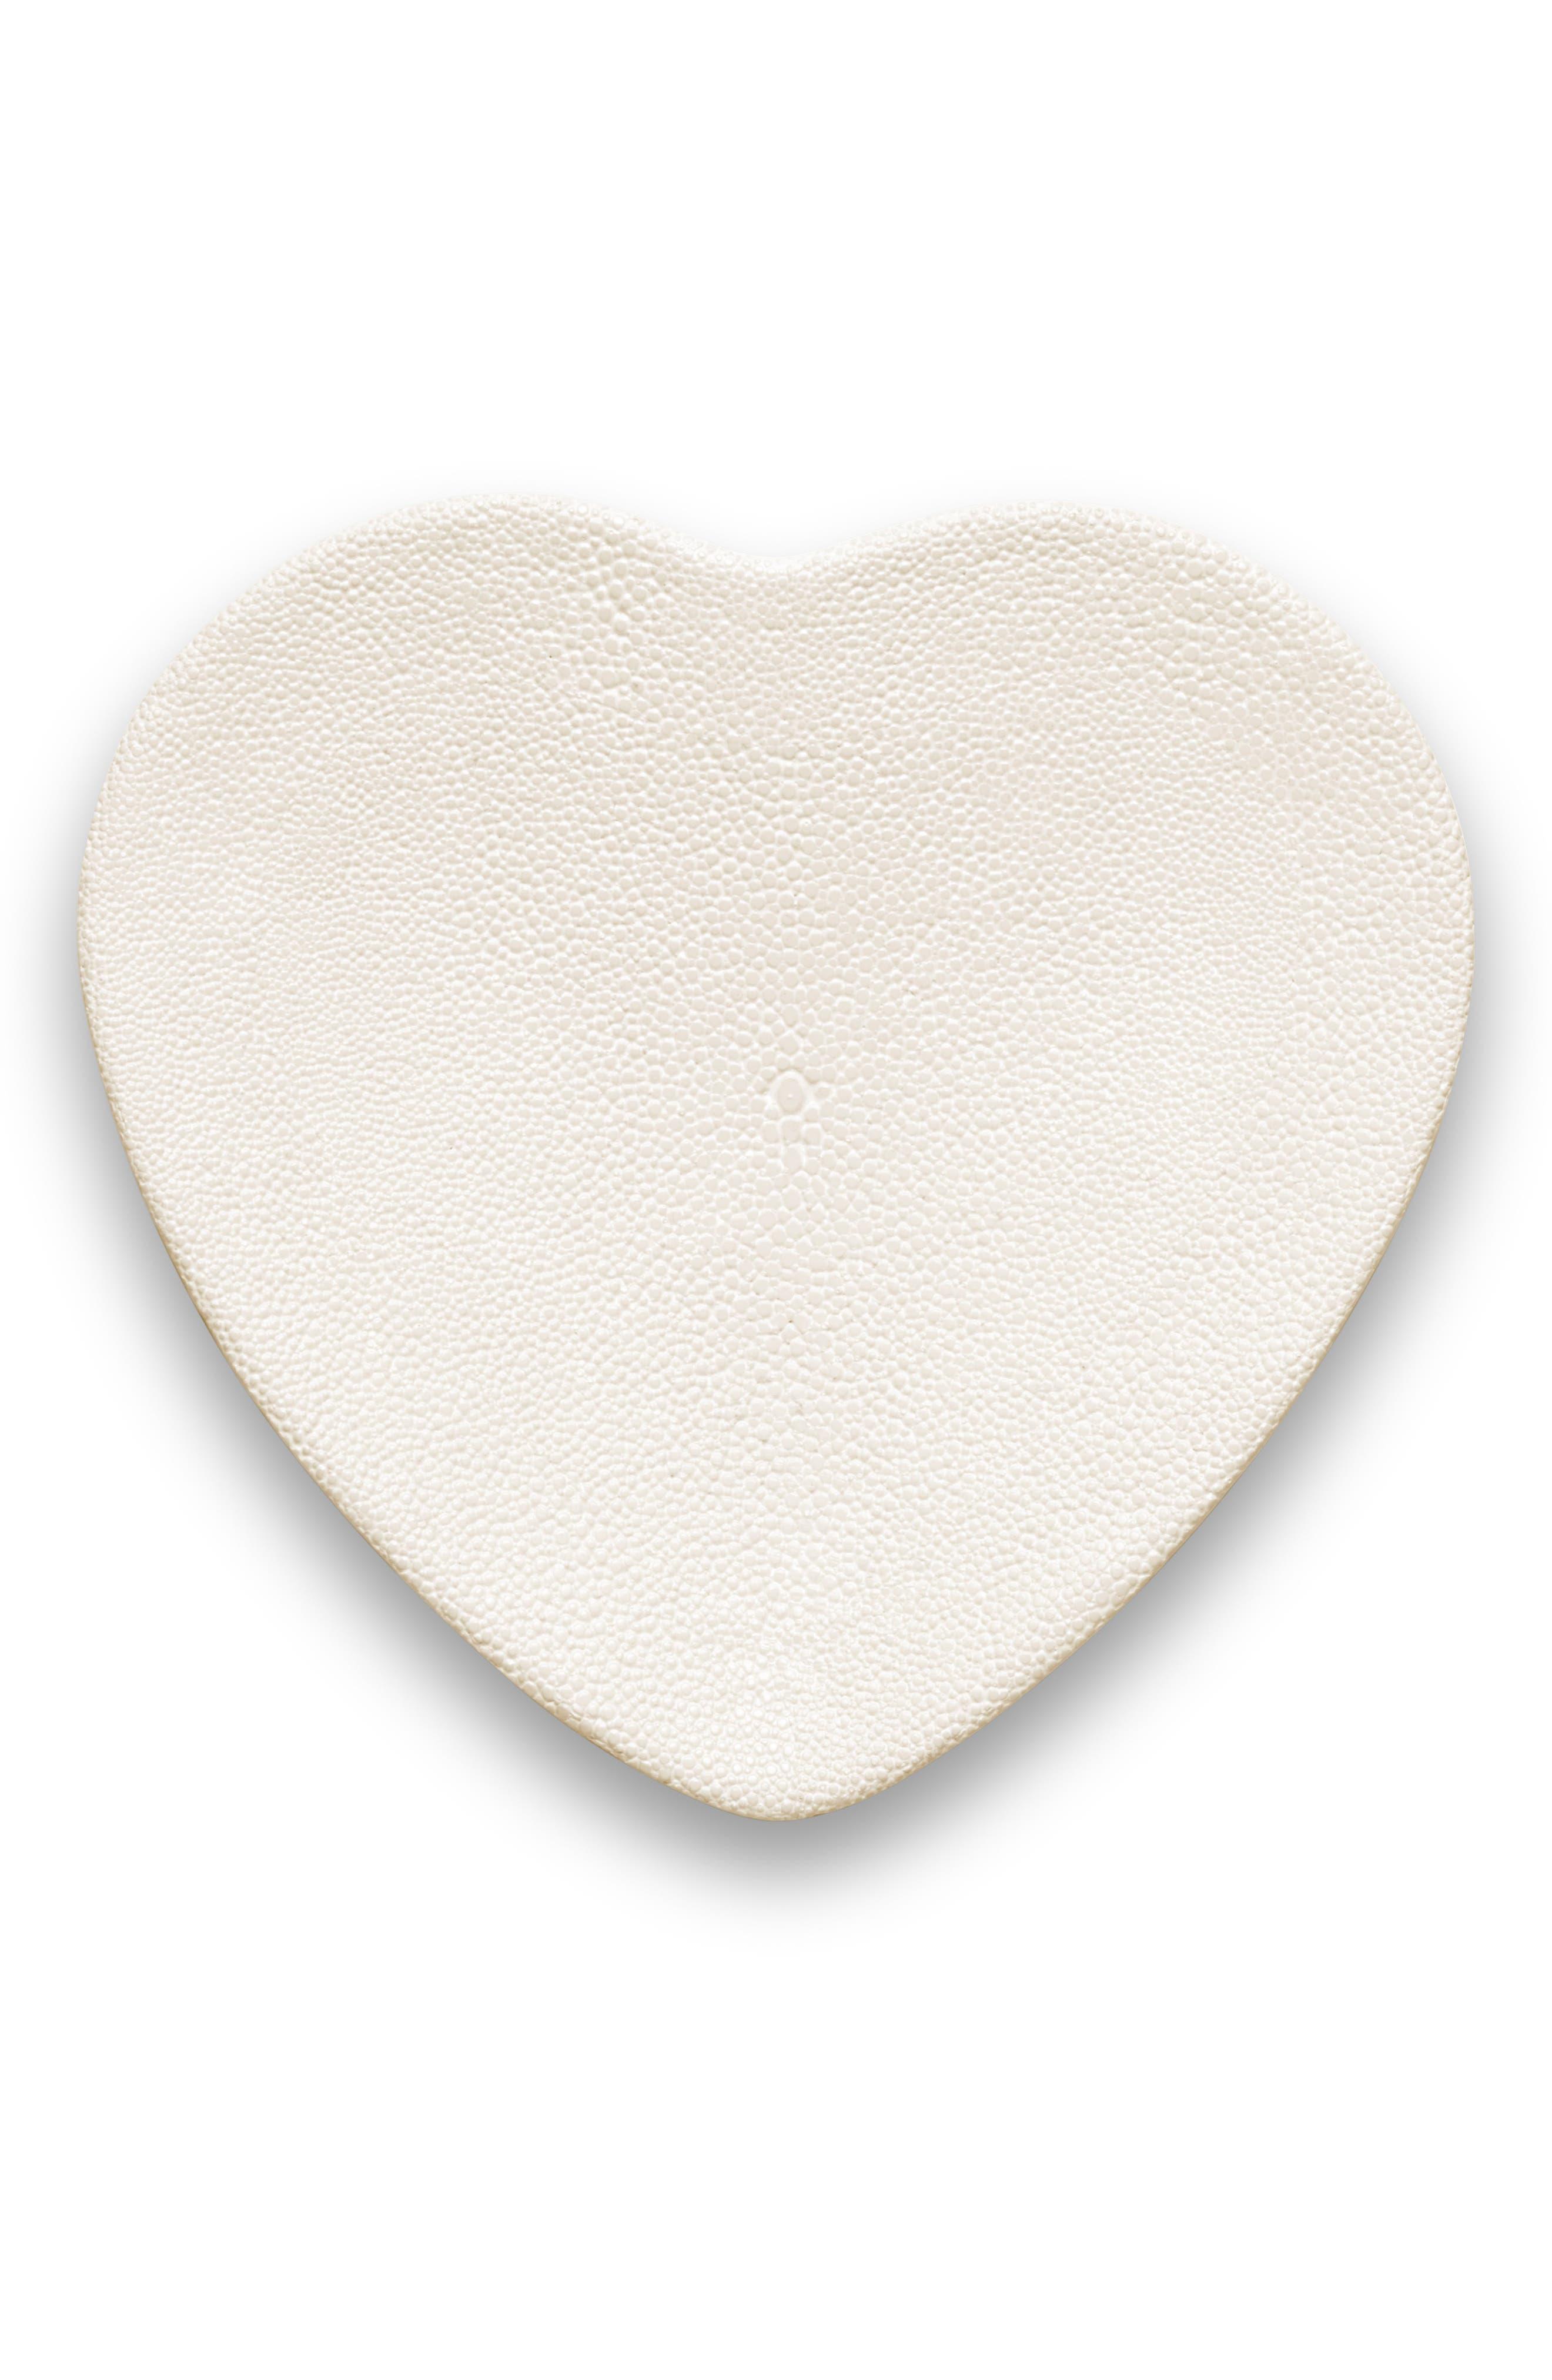 Shagreen Heart Trinket Tray,                             Main thumbnail 1, color,                             CREAM